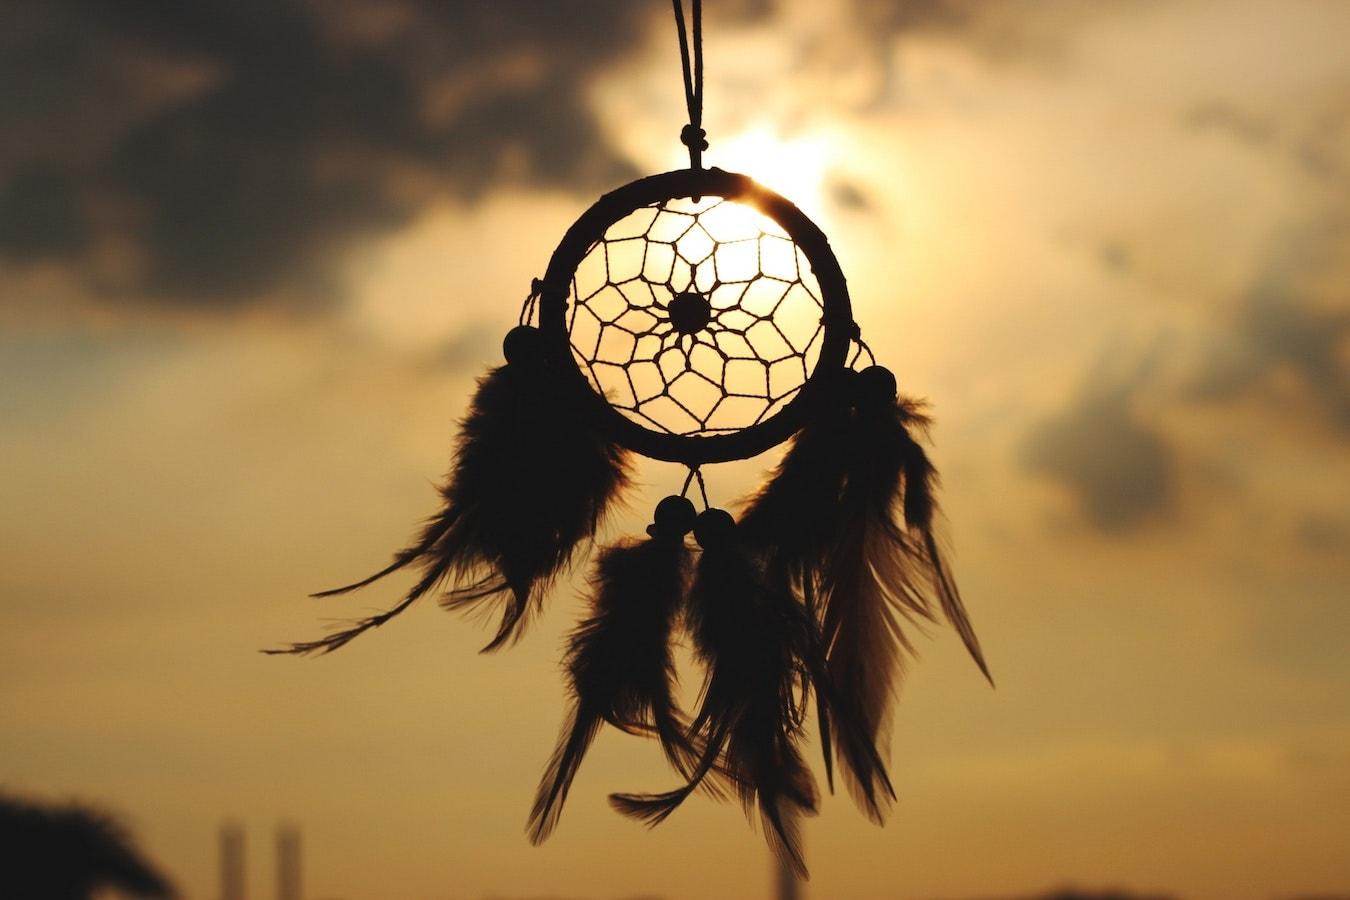 Traumfänger durch Träume mit dem higher self verbinden